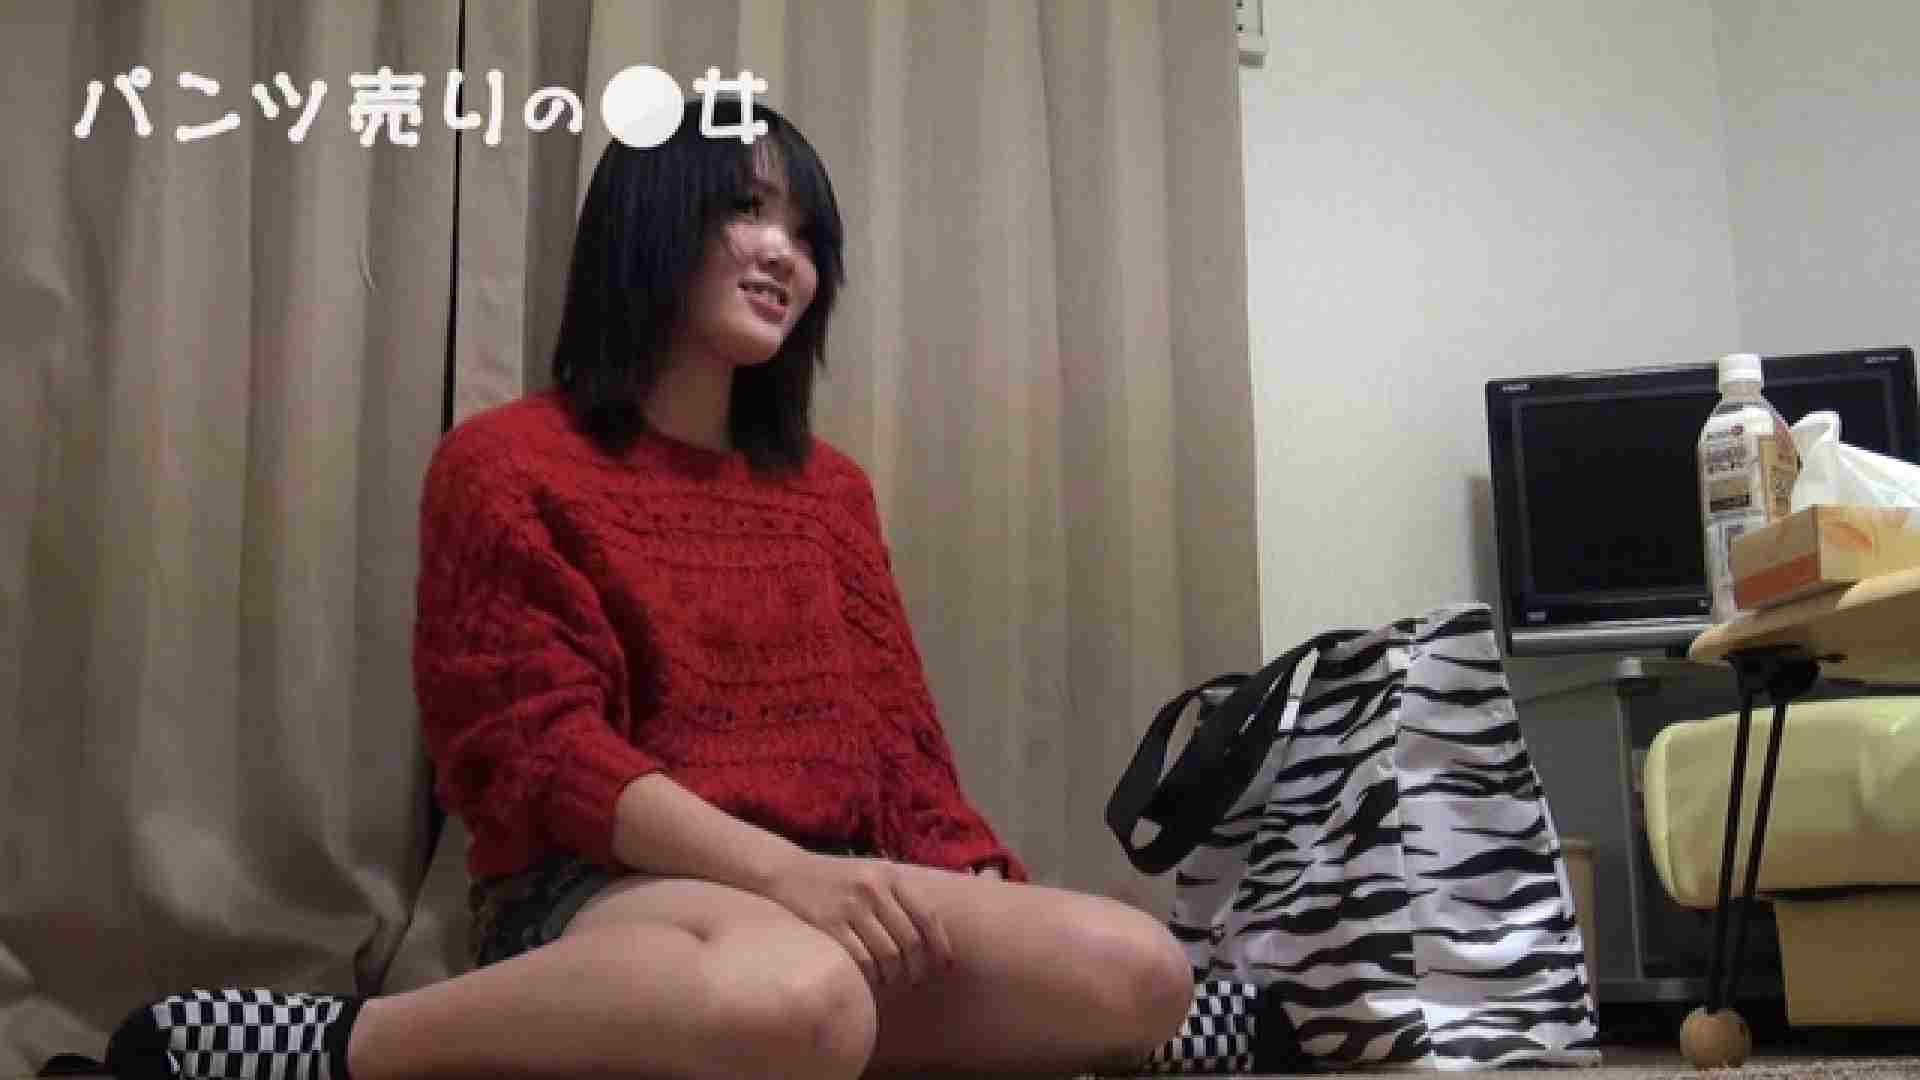 新説 パンツ売りの女の子mizuki 一般投稿  109枚 52